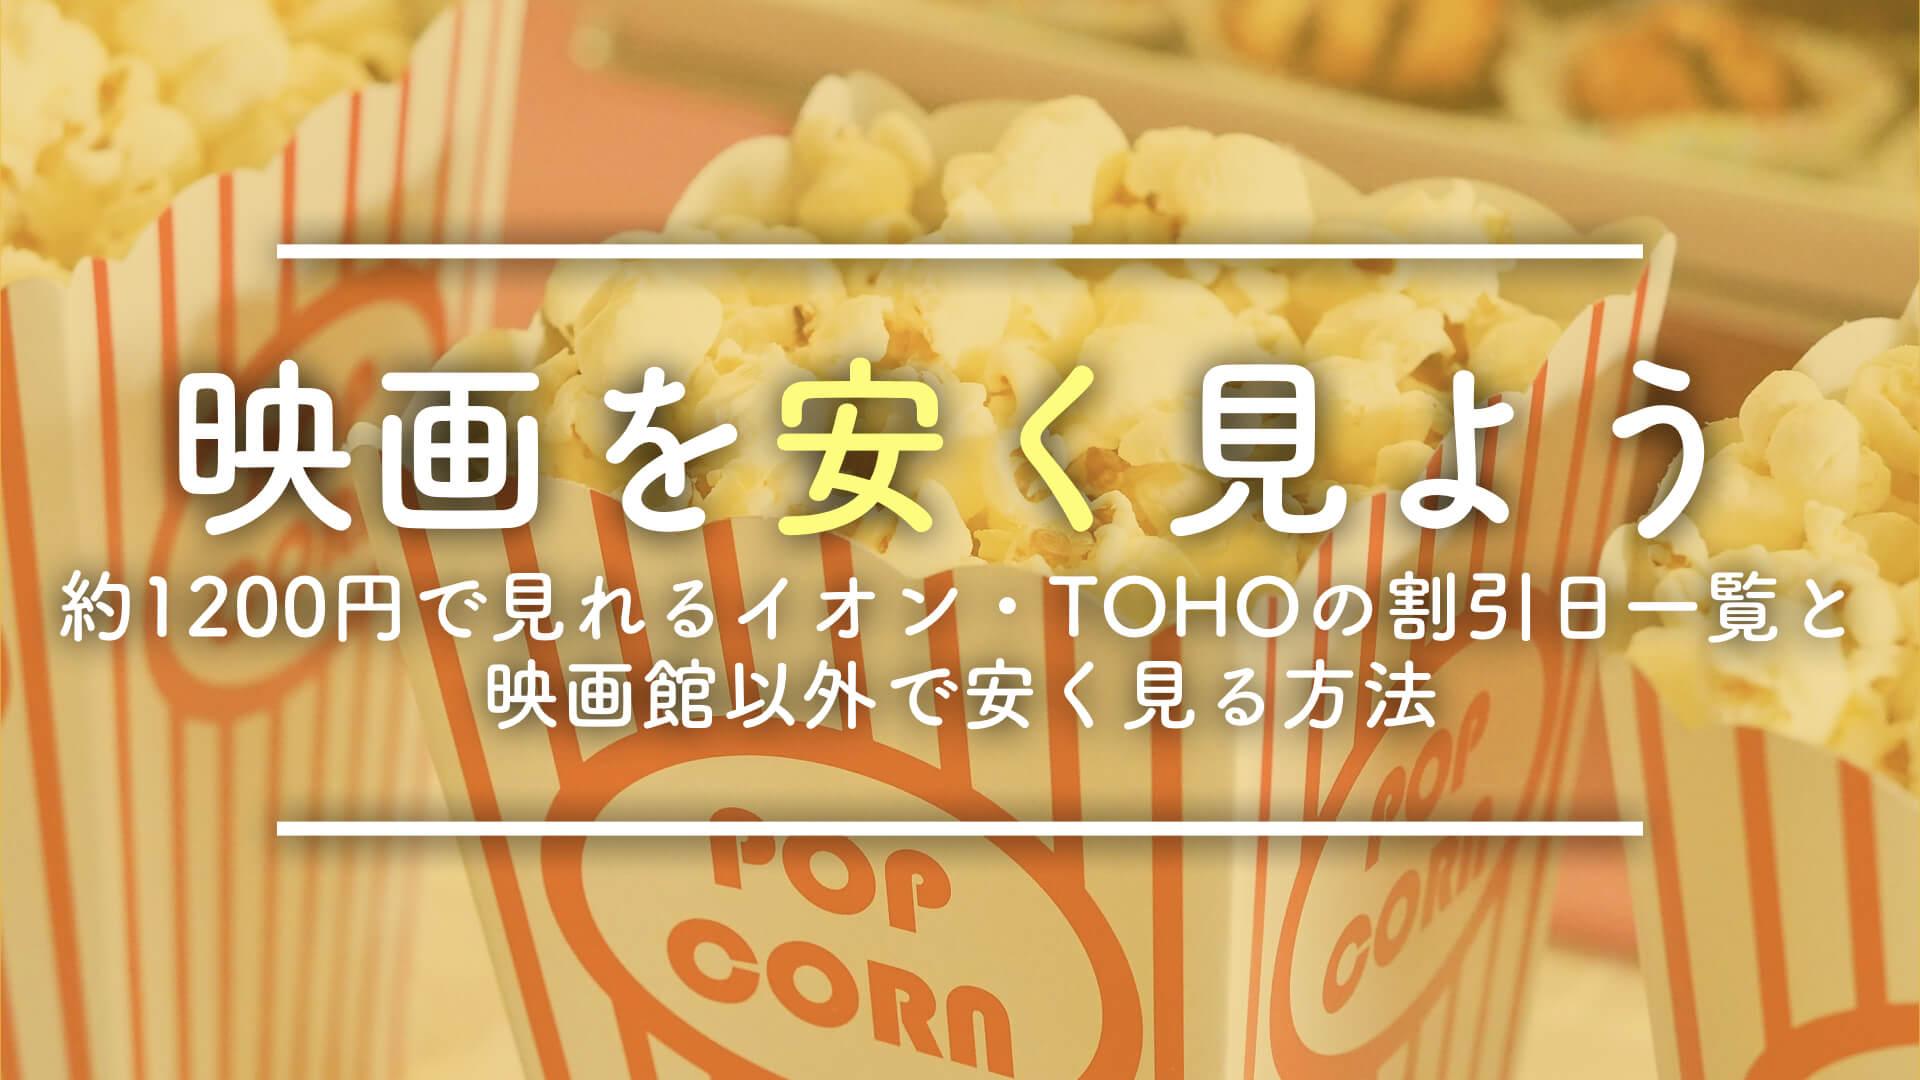 映画を安く見よう!約1200円で見れるイオン・TOHOの割引日一覧と 映画館以外で安く見る方法